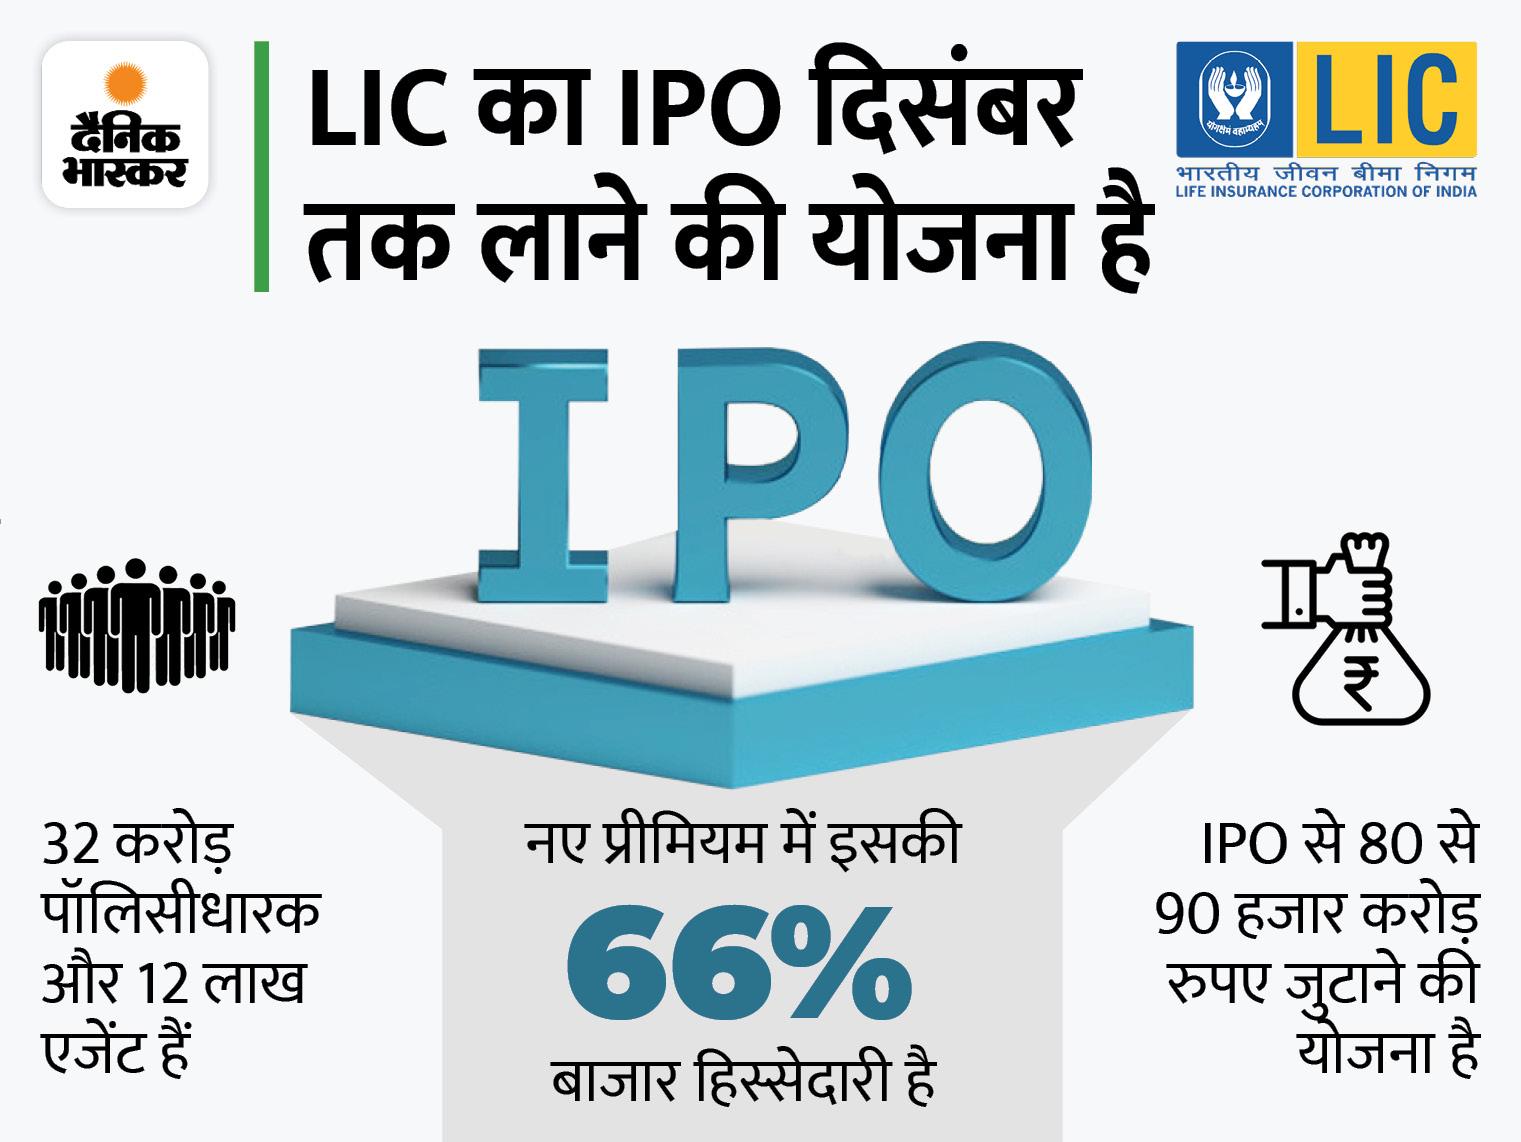 कानूनी फर्म्स को नहीं है दिलचस्पी: LIC के IPO में कम फीस मिलने से दूर हो रही हैं कानूनी फर्म्स, गुरुवार को बिड जमा करने की अंतिम तारीख